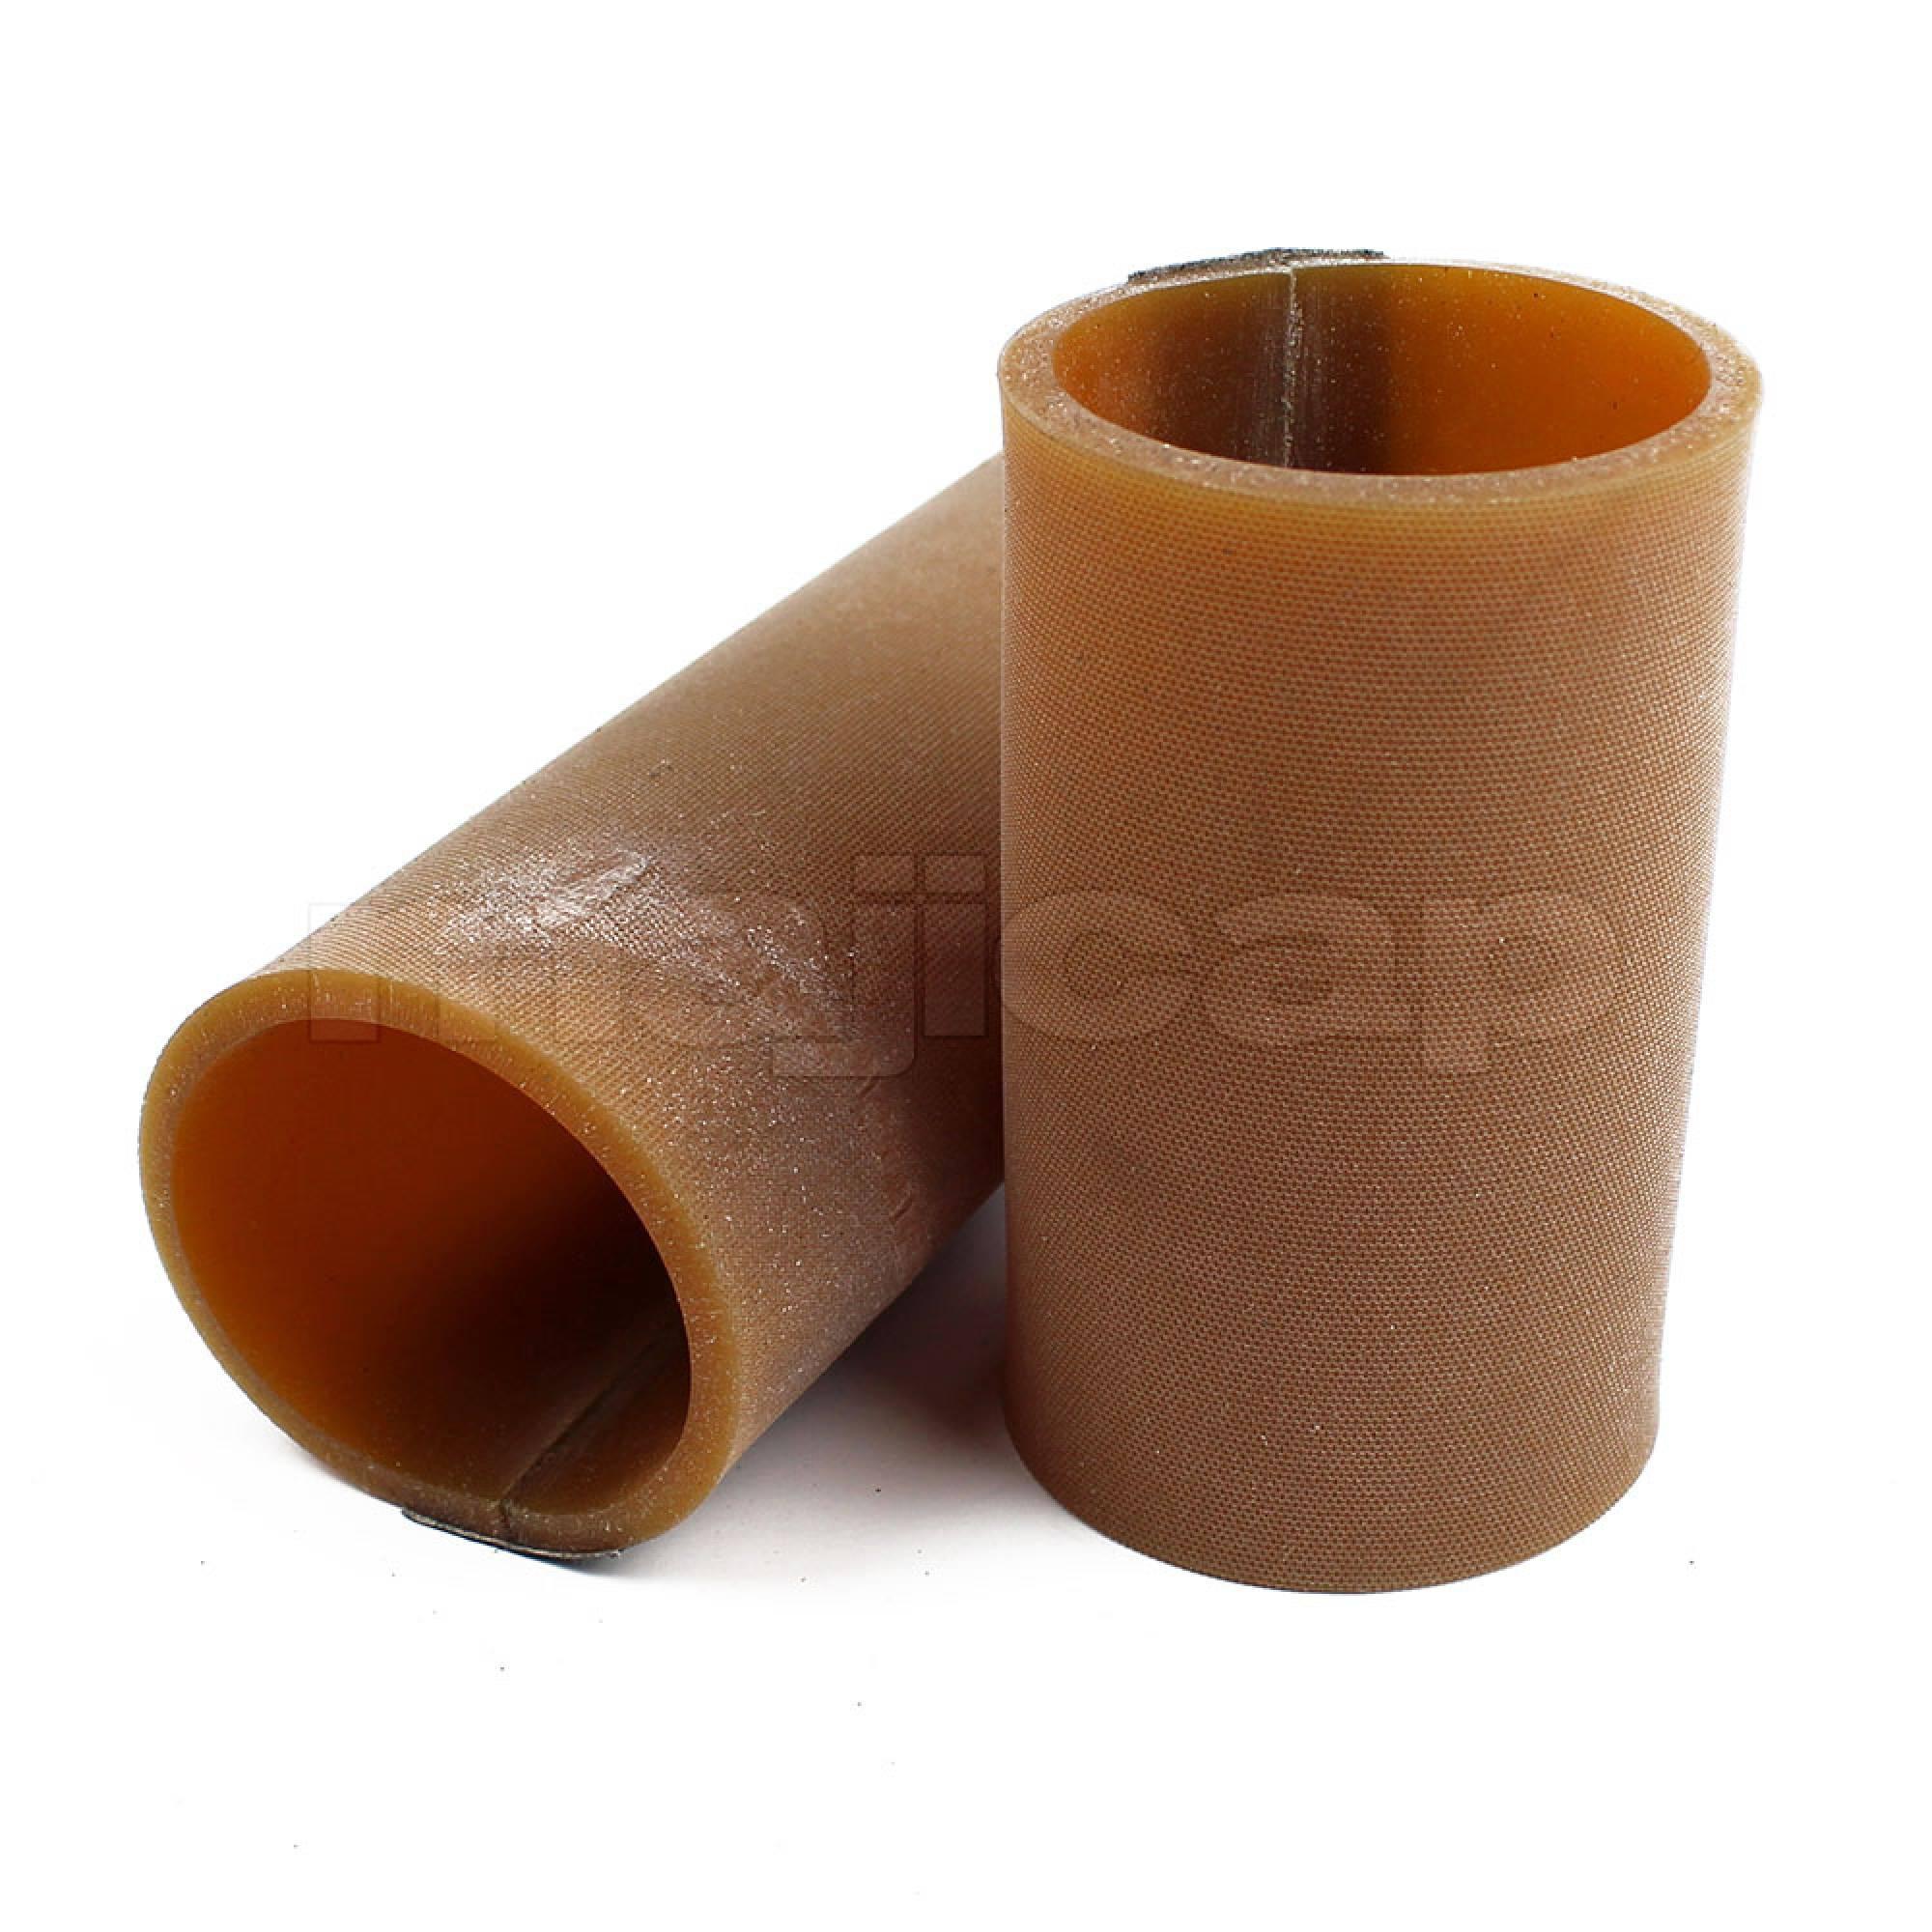 Manchette cylindrique caoutchouc naturel